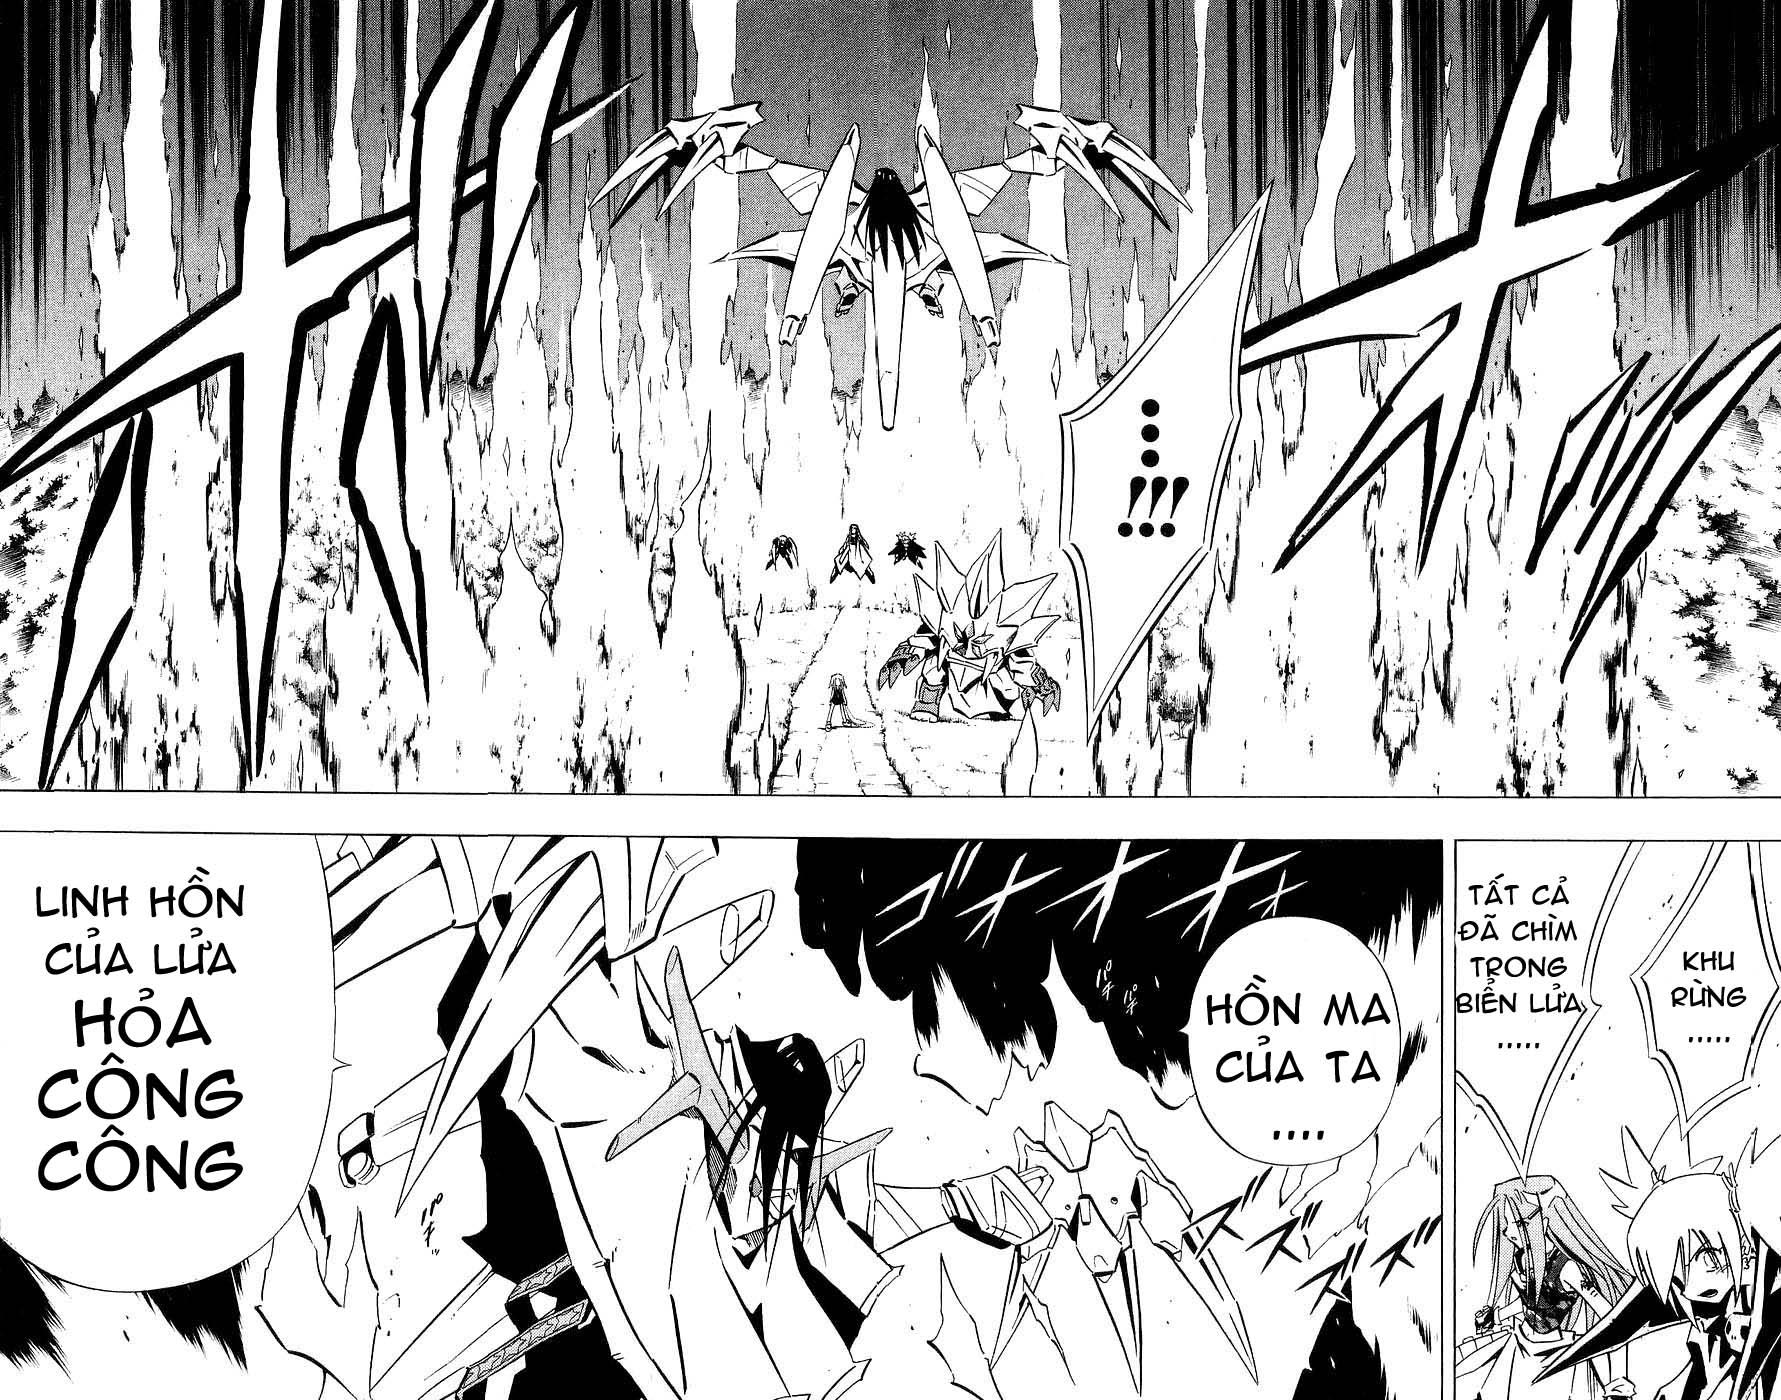 Vua Pháp Thuật-Shaman King chap 250 Trang 11 - Mangak.info